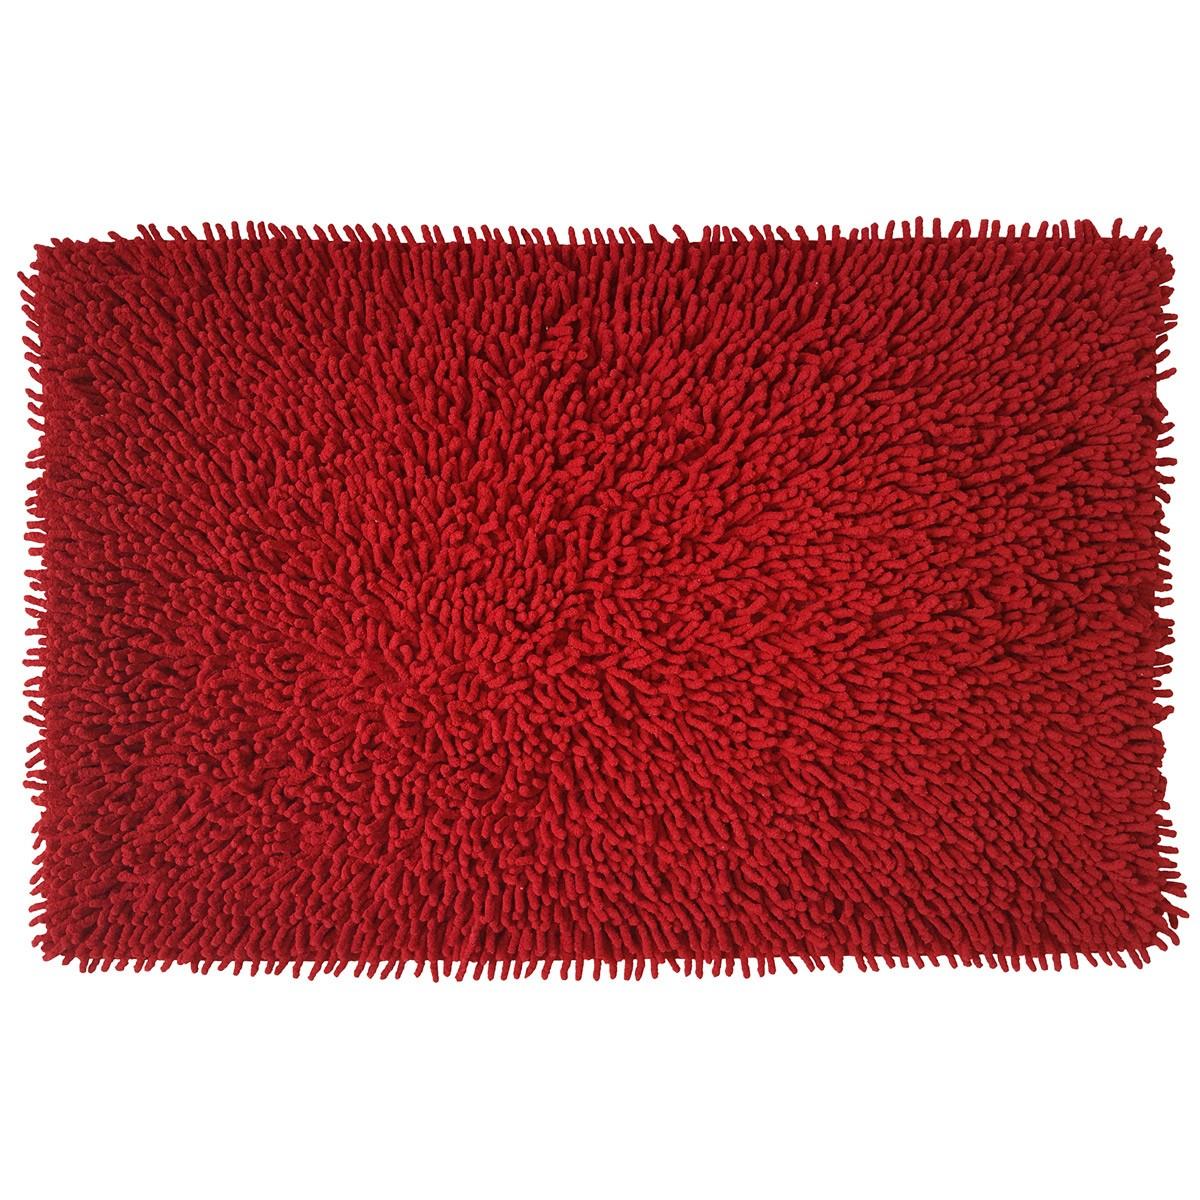 Πατάκι Μπάνιου (50x80) Raibow Chenille Loop 05567 Κόκκινο/Βυσσιν